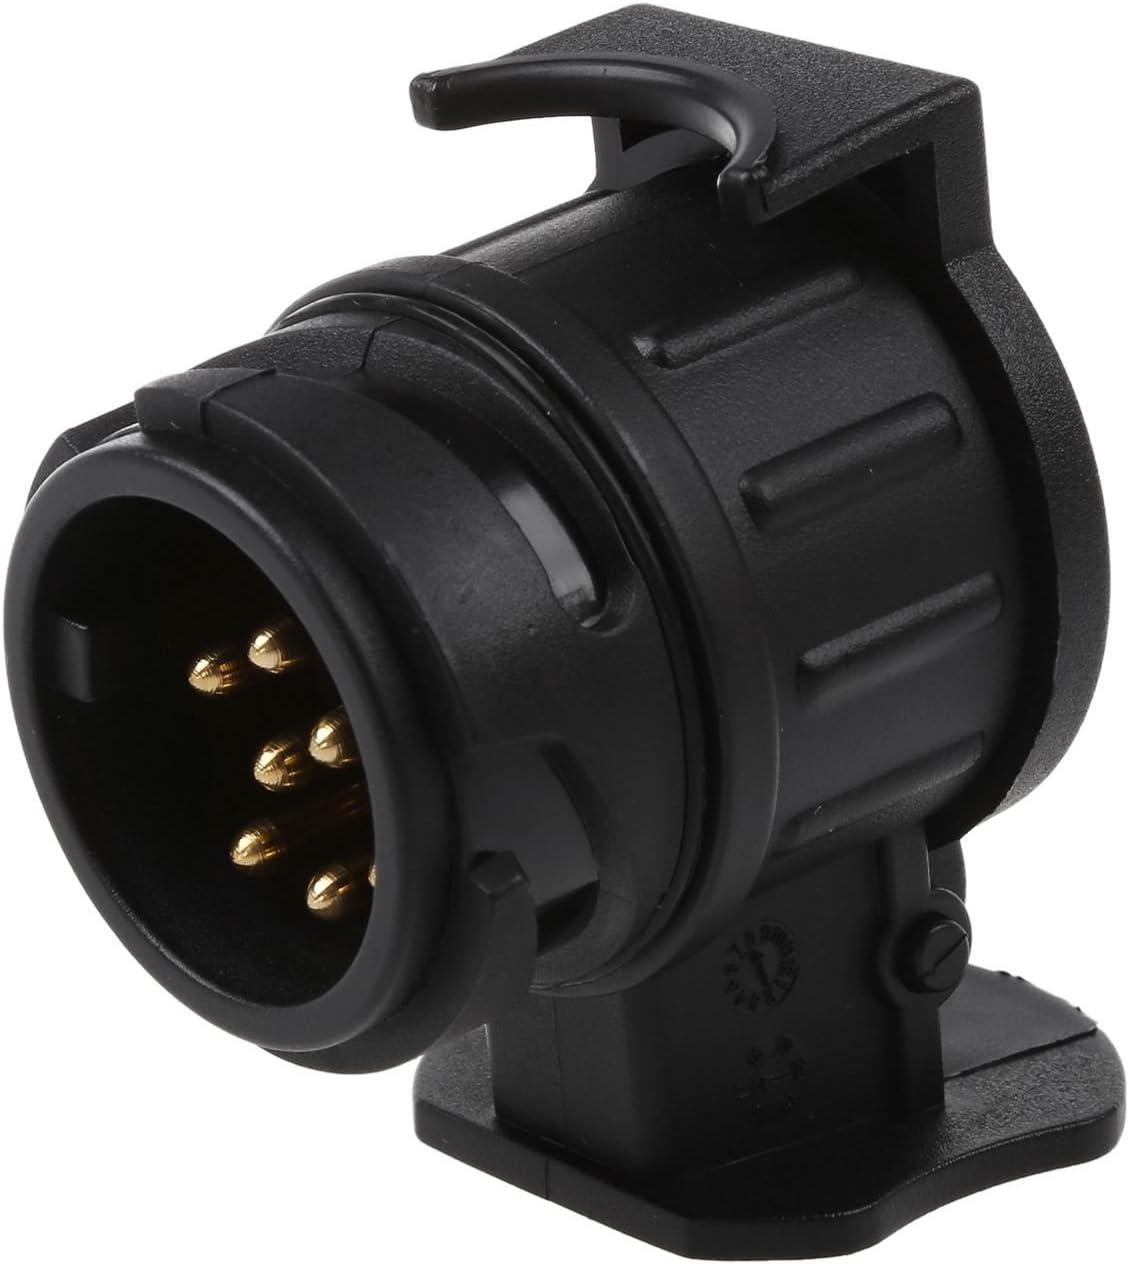 MagiDeal 13 Broches 12v Convertisseur /électrique Remorque Caravane Plug Socket Adaptateur Connecteur